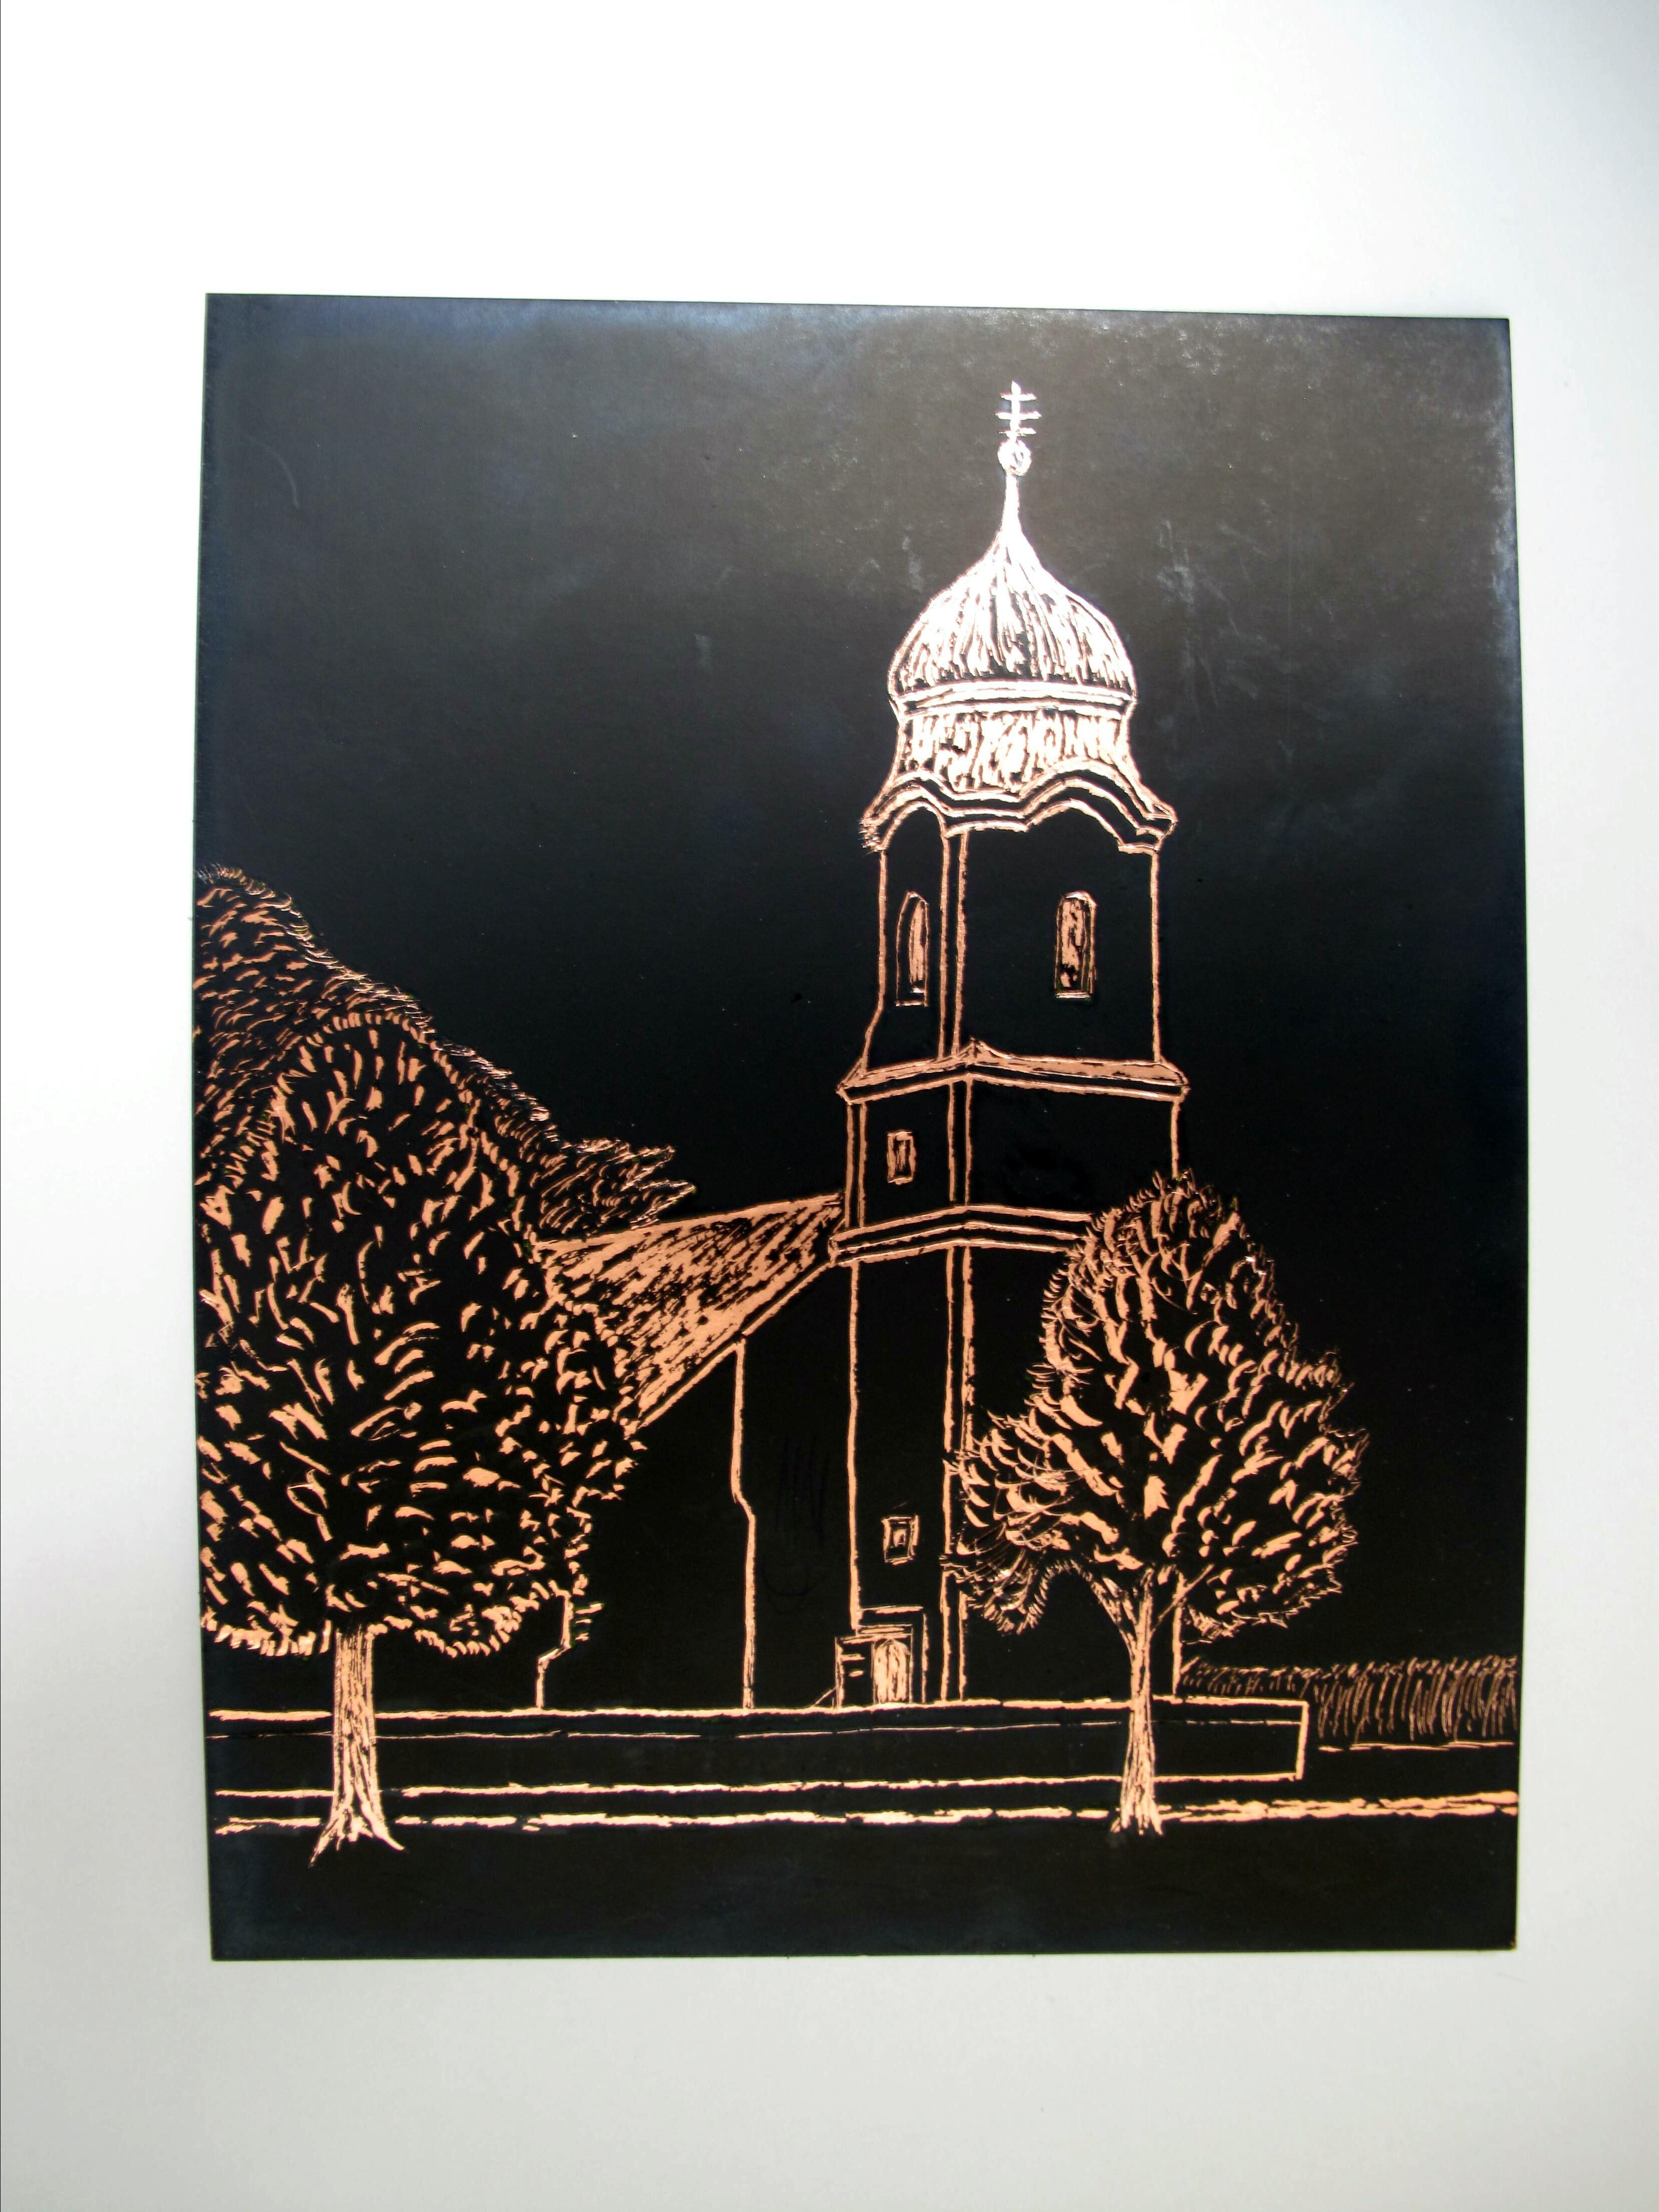 St.Leonhard; Engraving Art von Joe Haneder